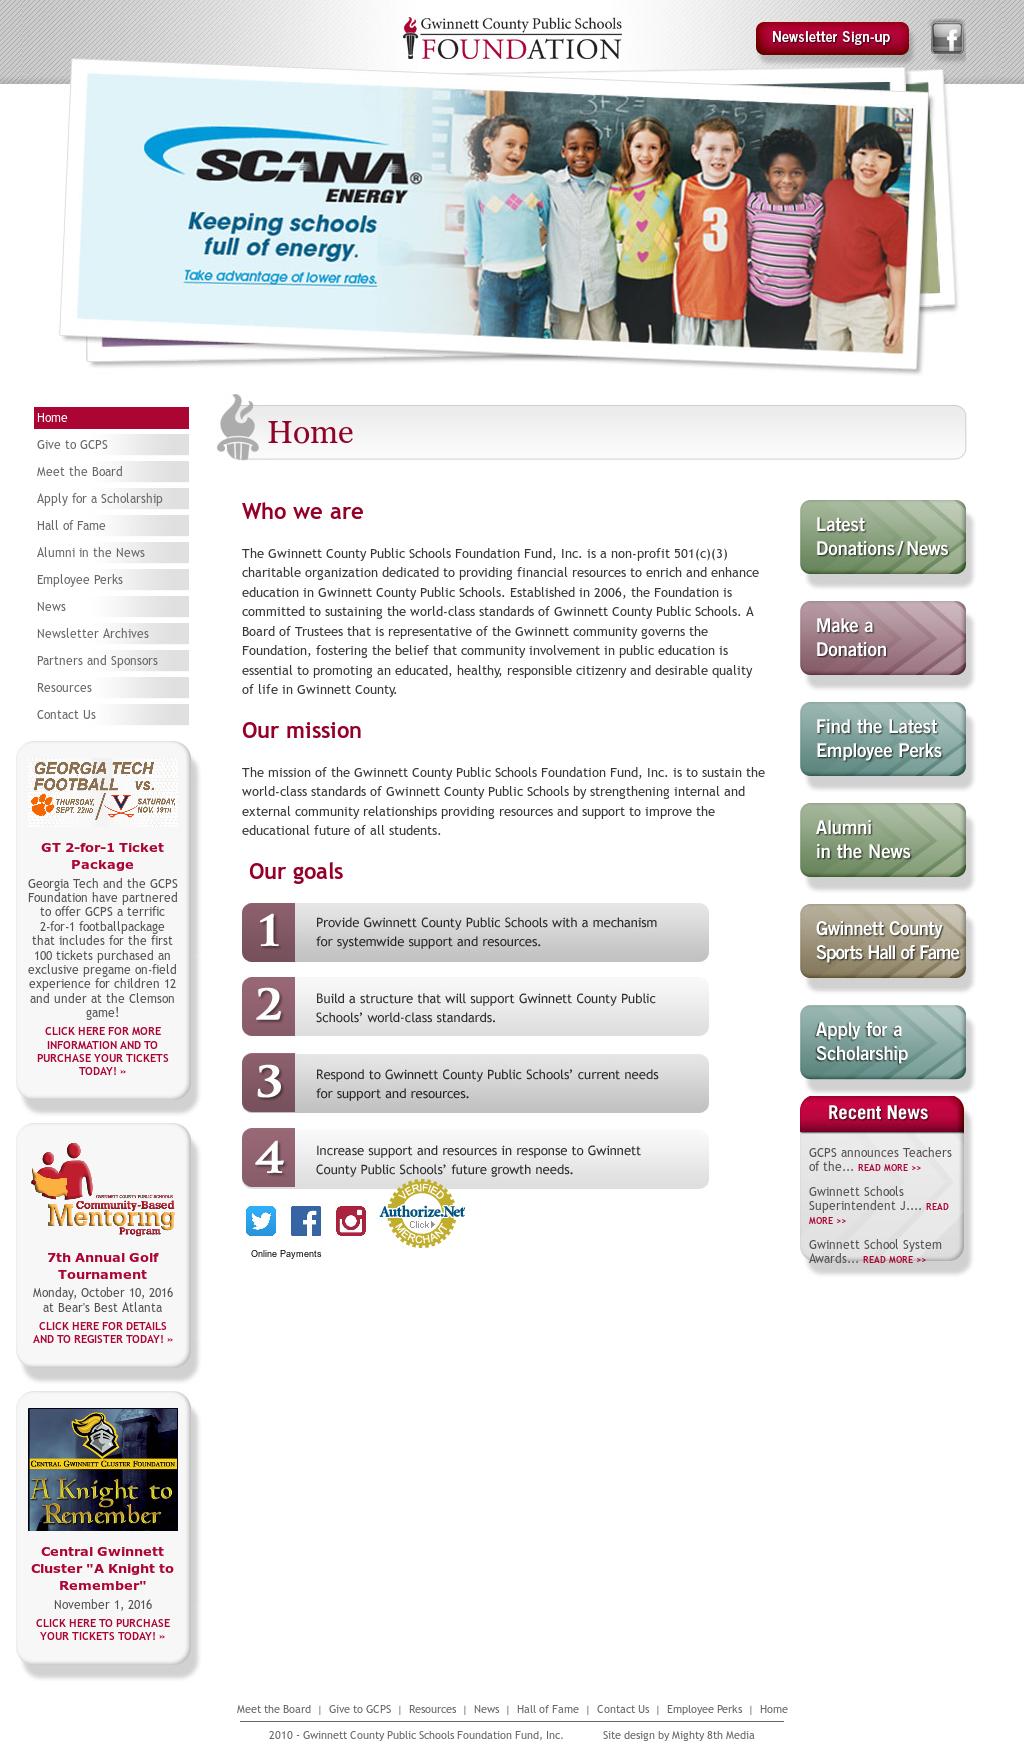 Gwinnett County Public Schools Foundation Competitors, Revenue and